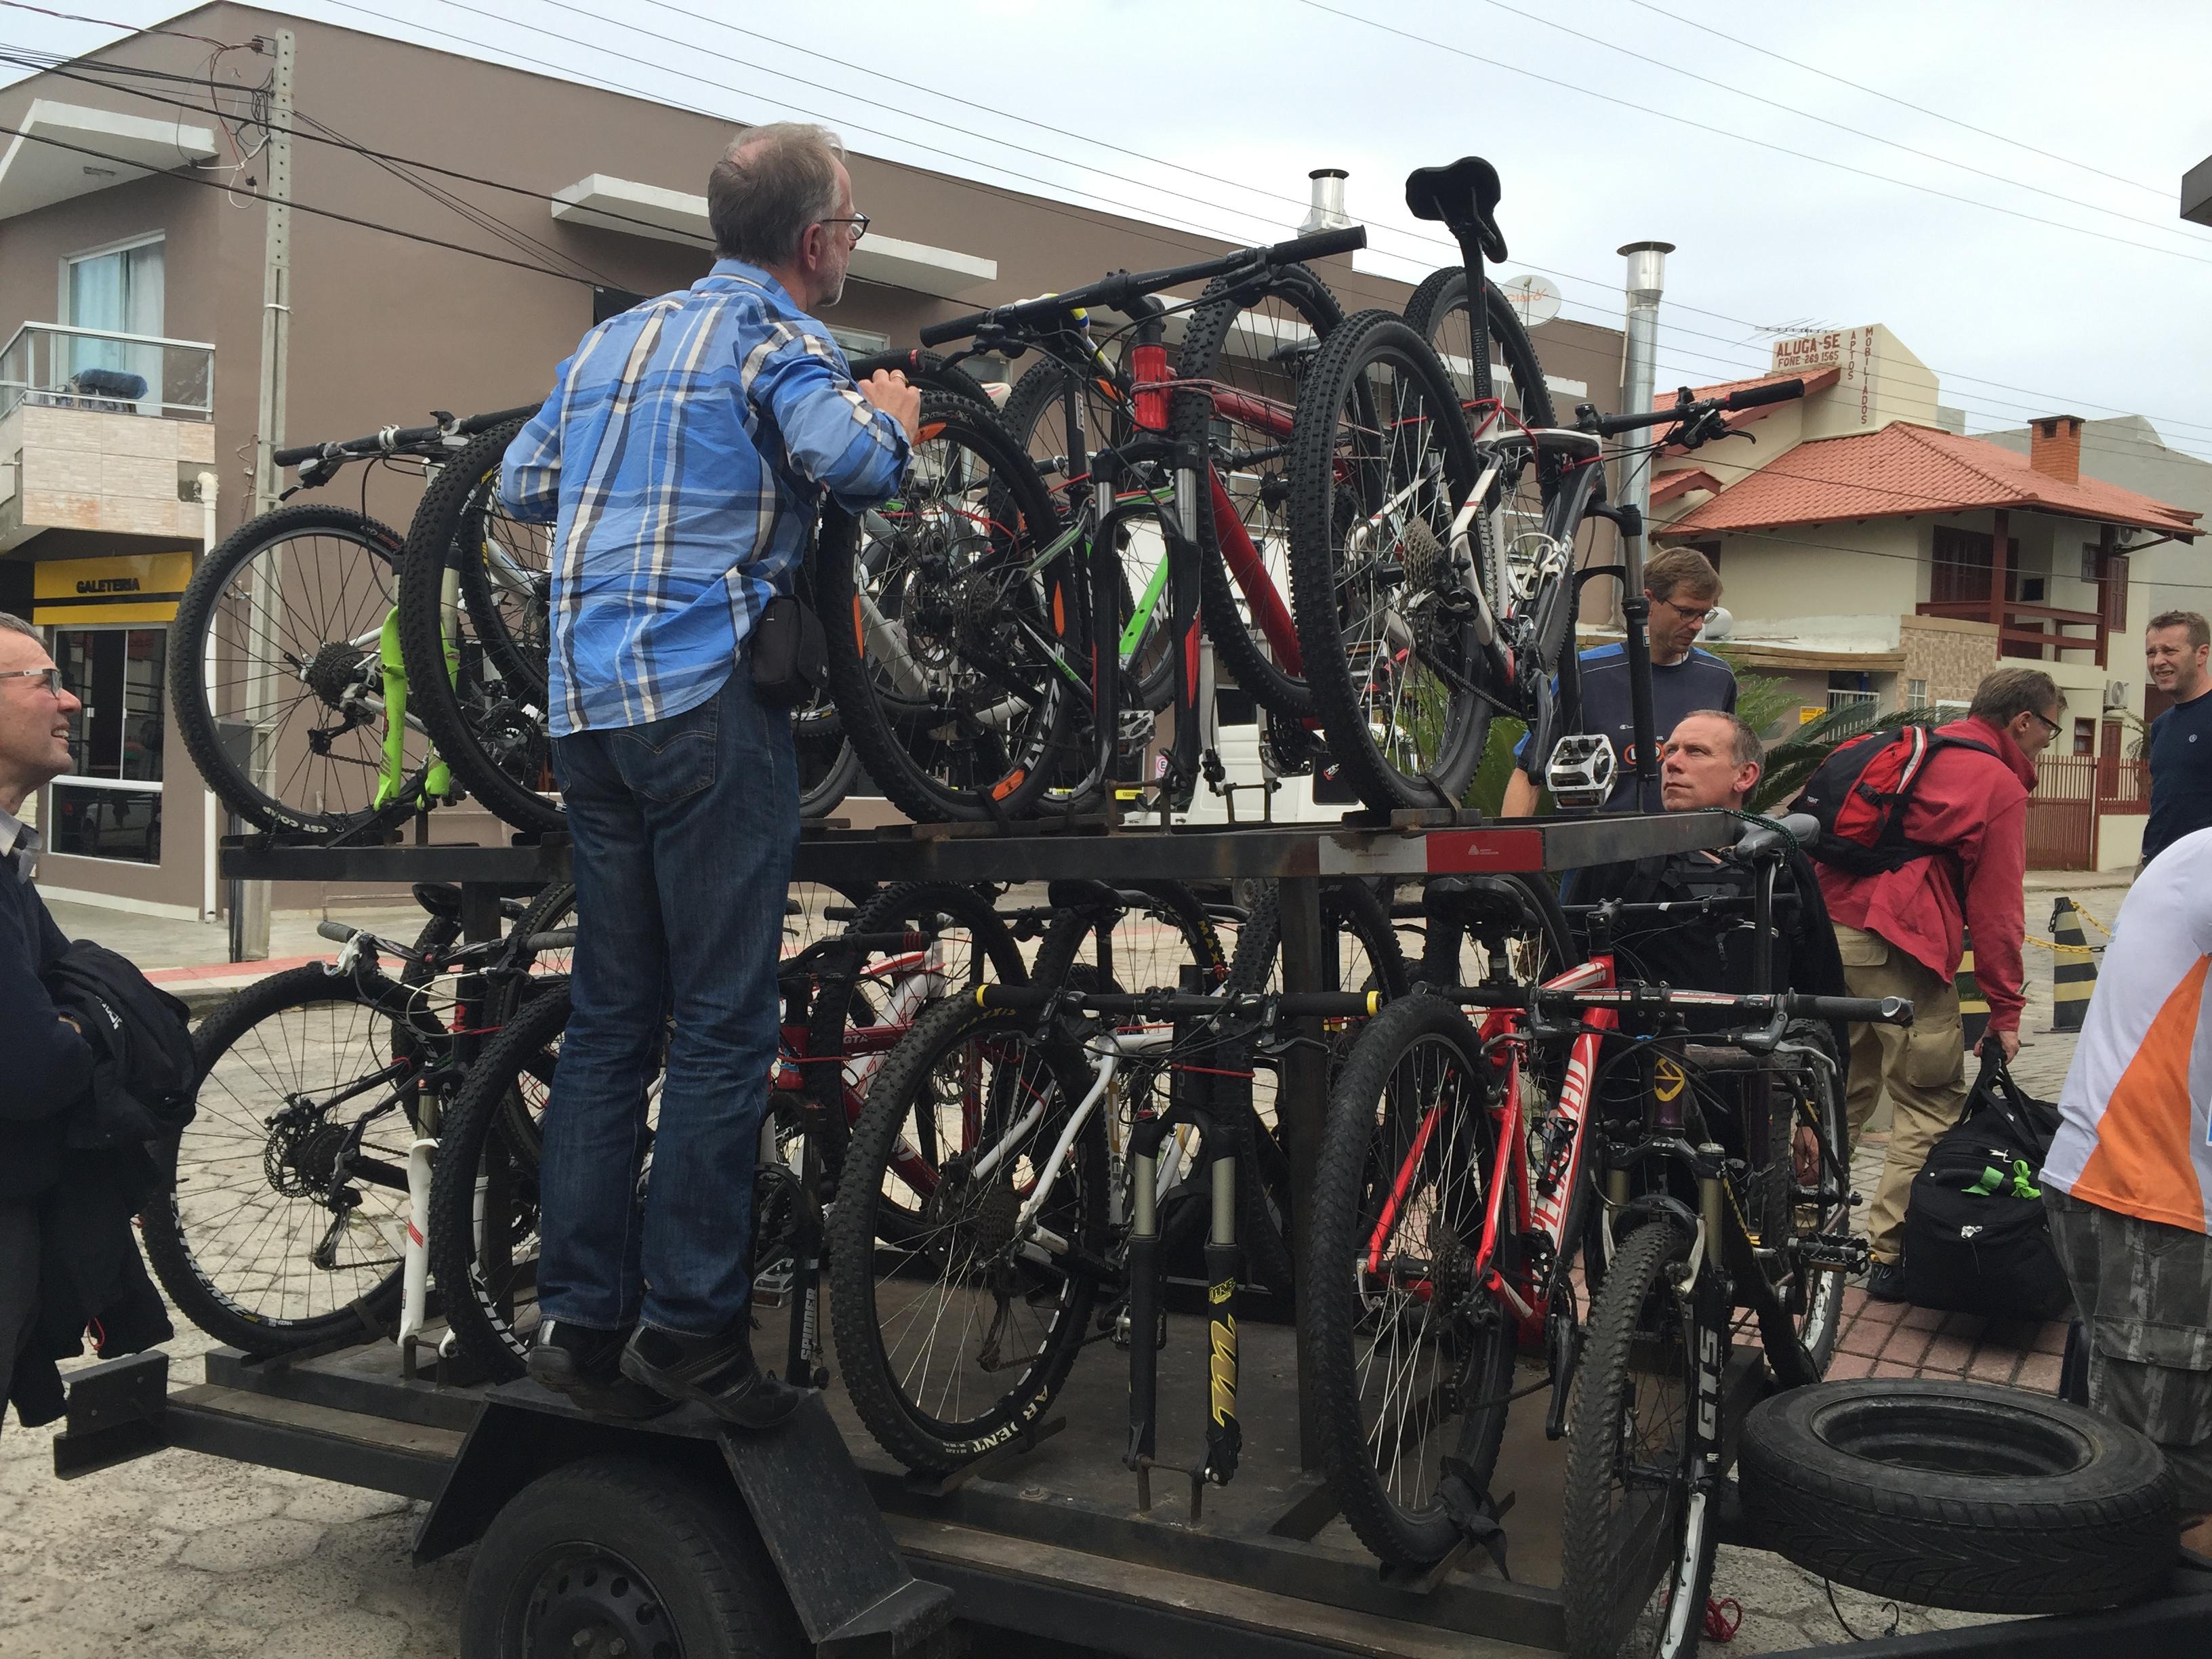 cyklerne besigtiges.